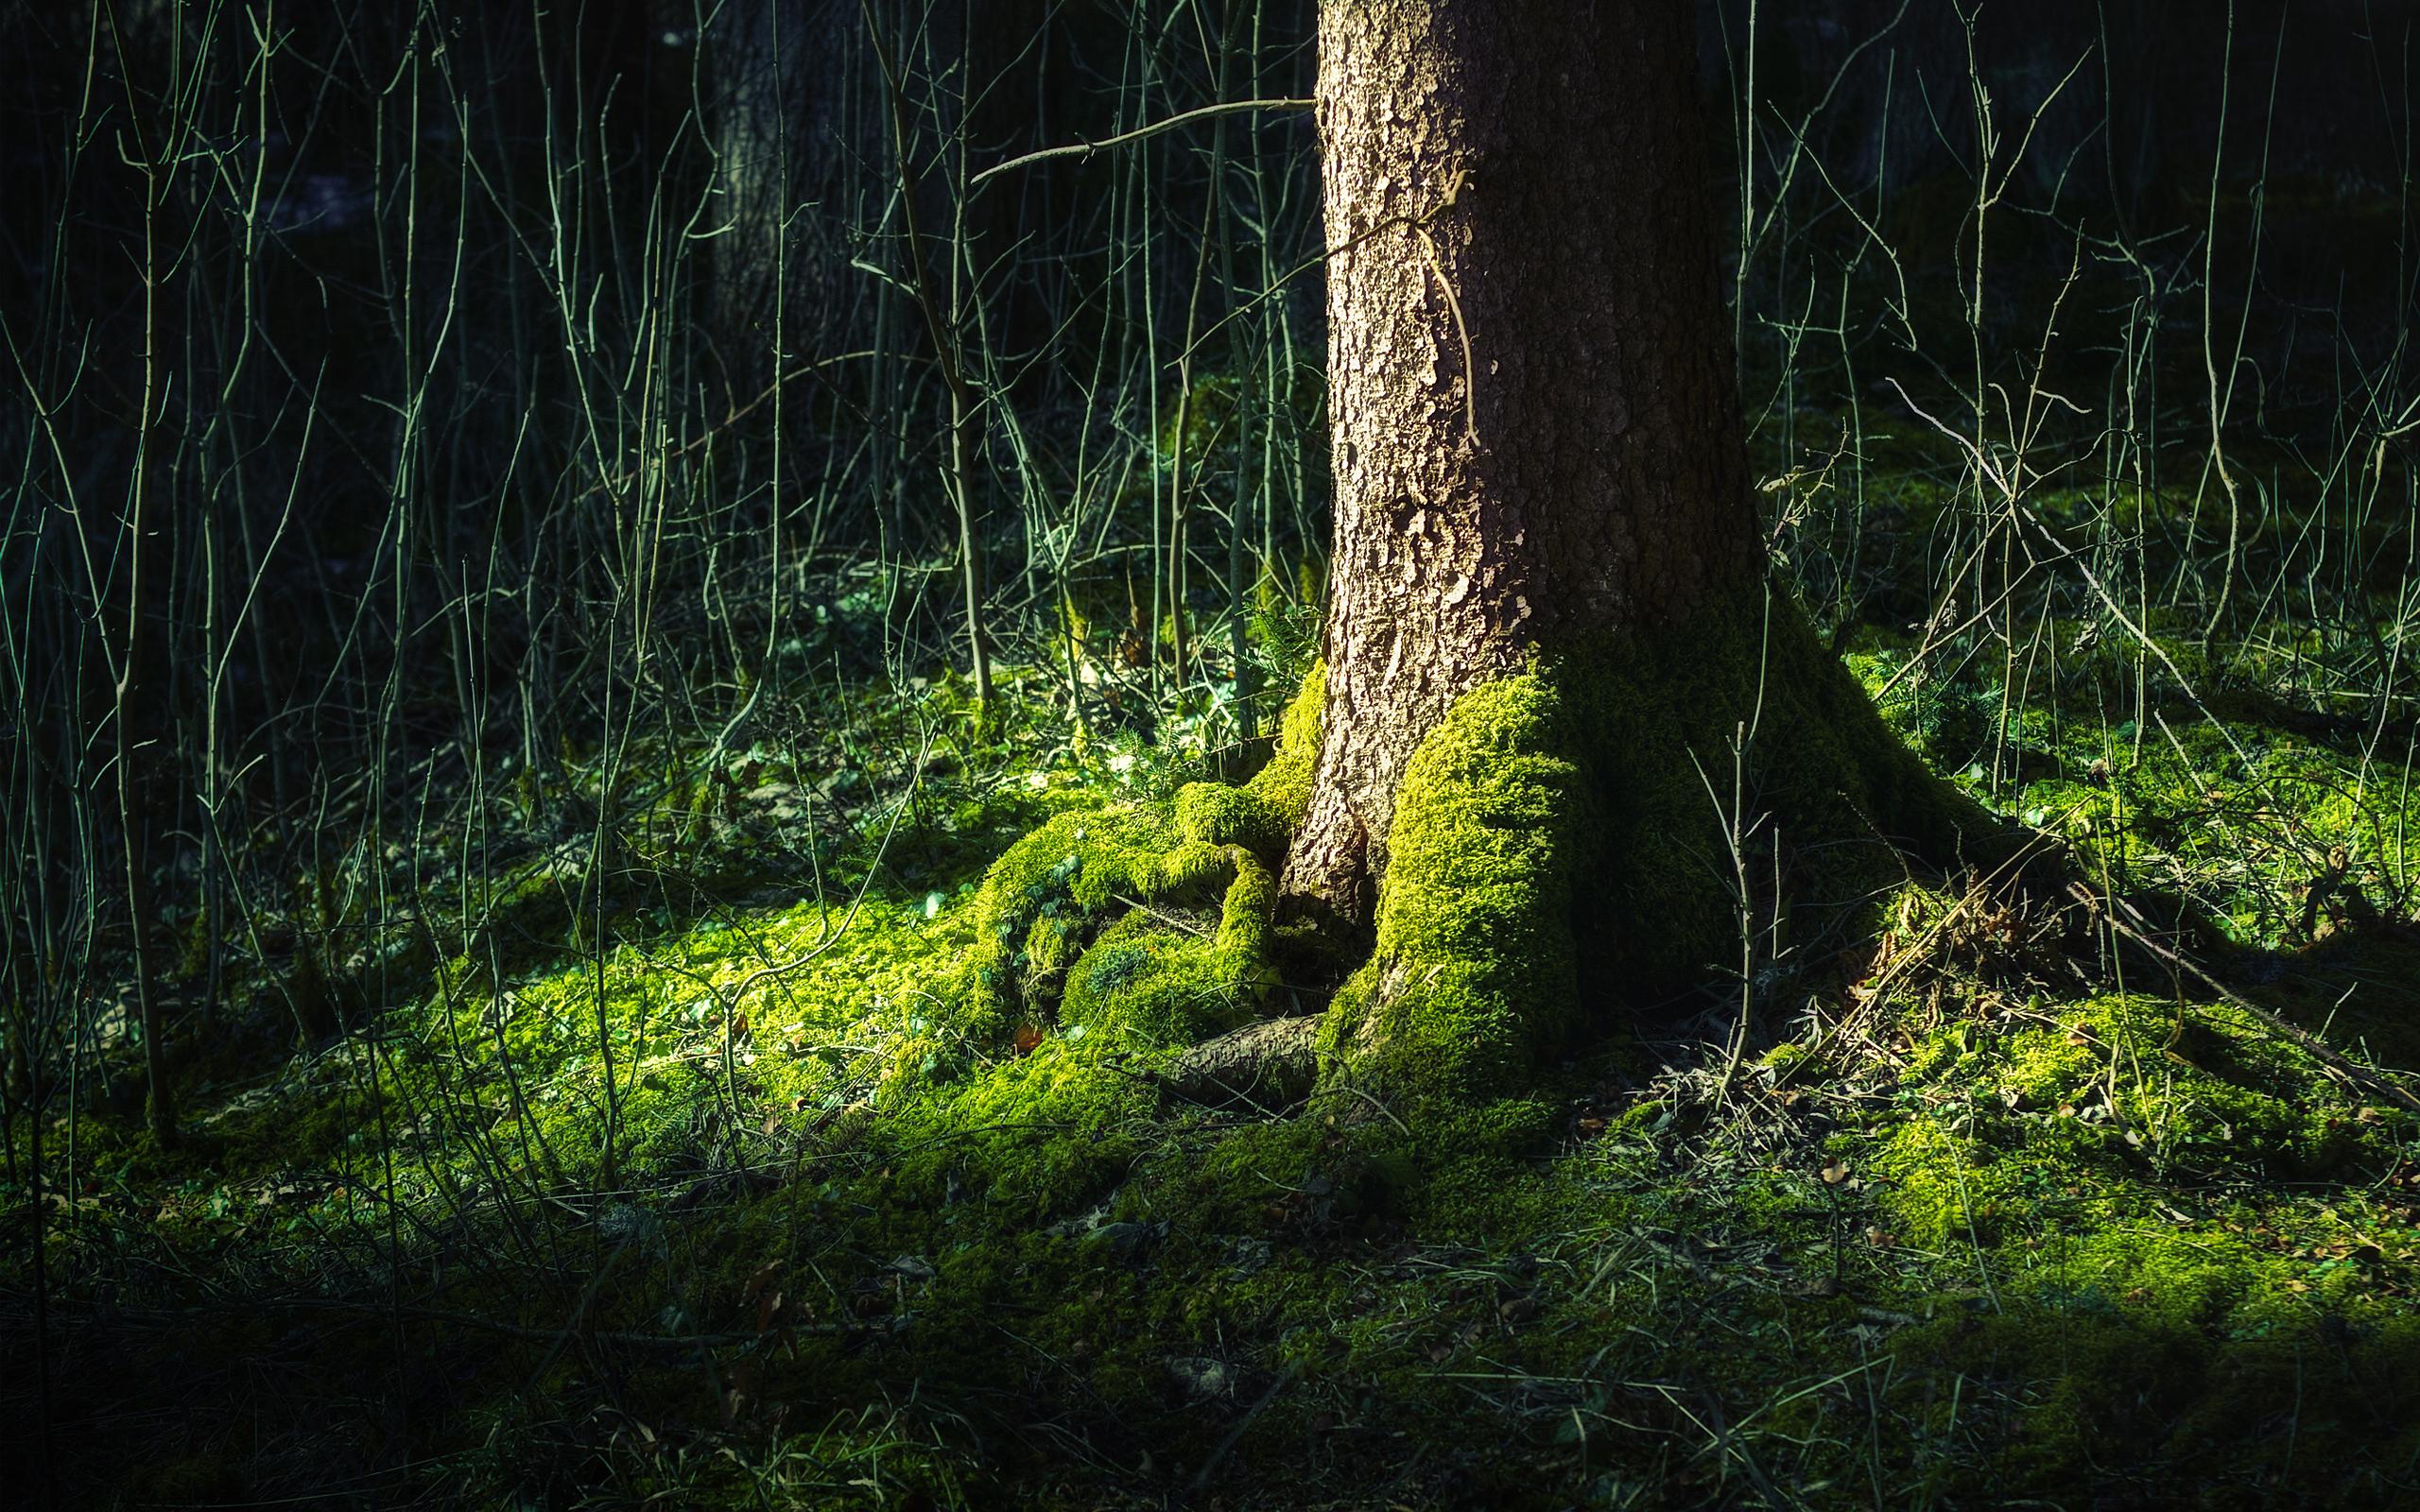 Мох на поваленном дереве без смс